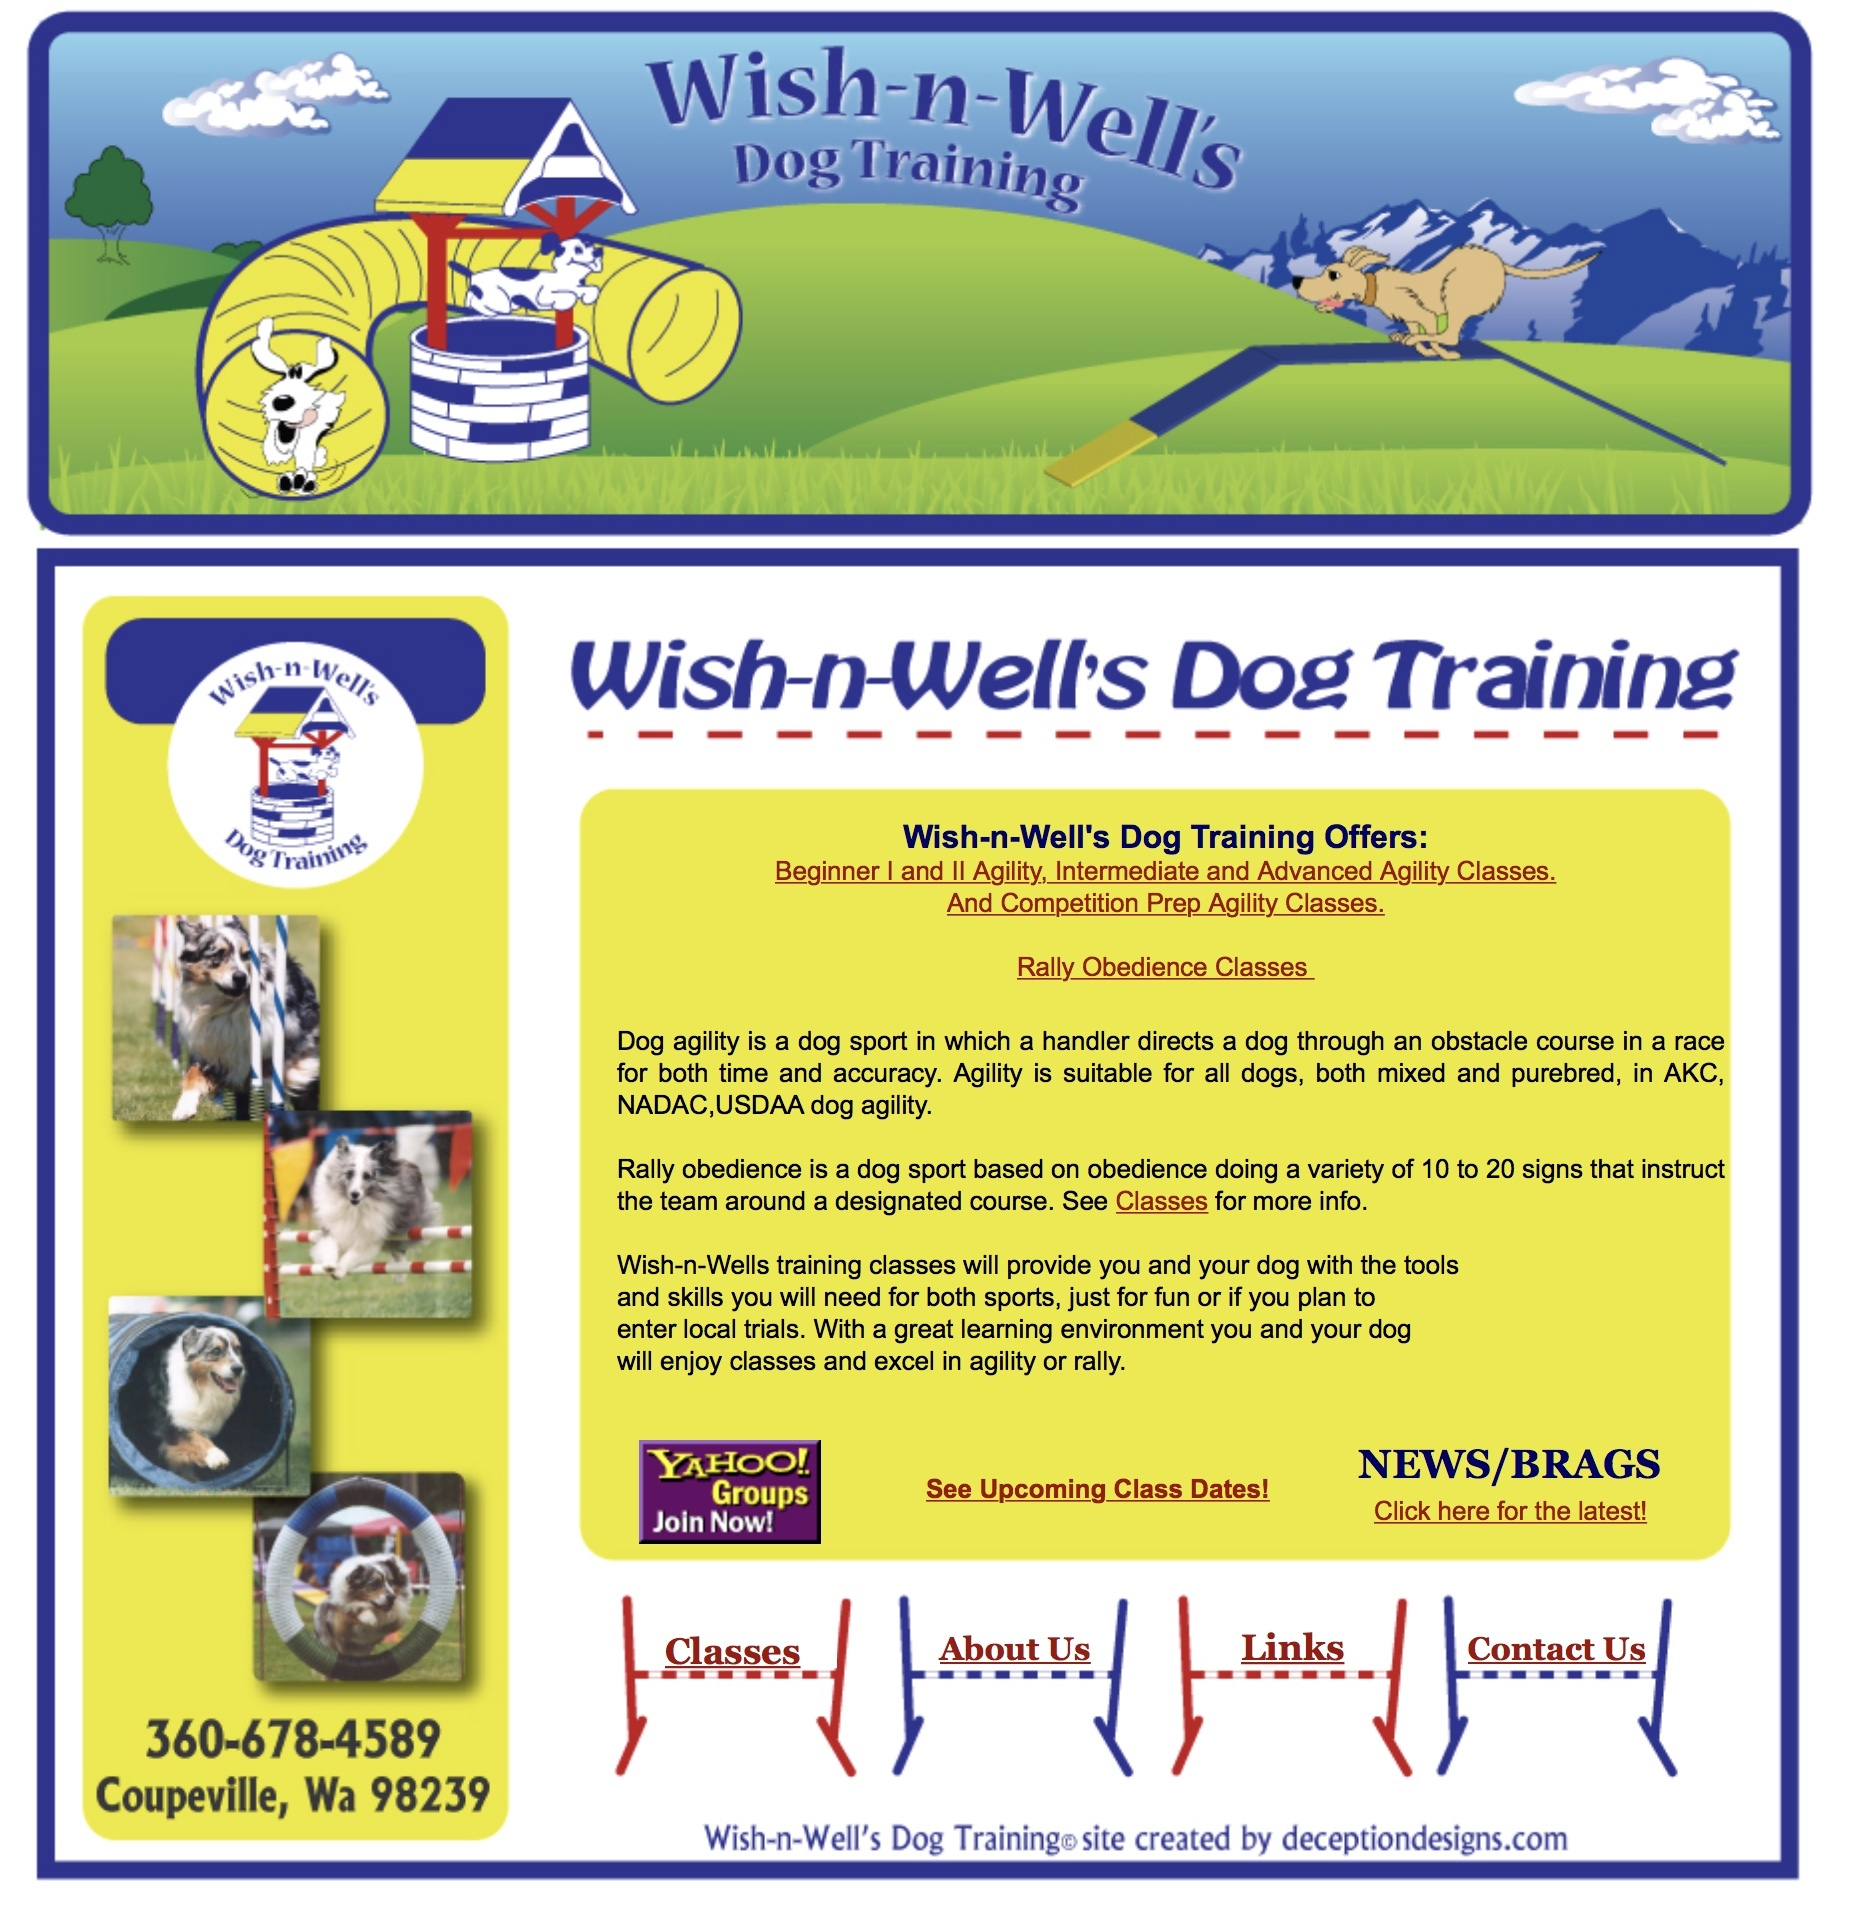 www.wishnwellsdogtraining.com